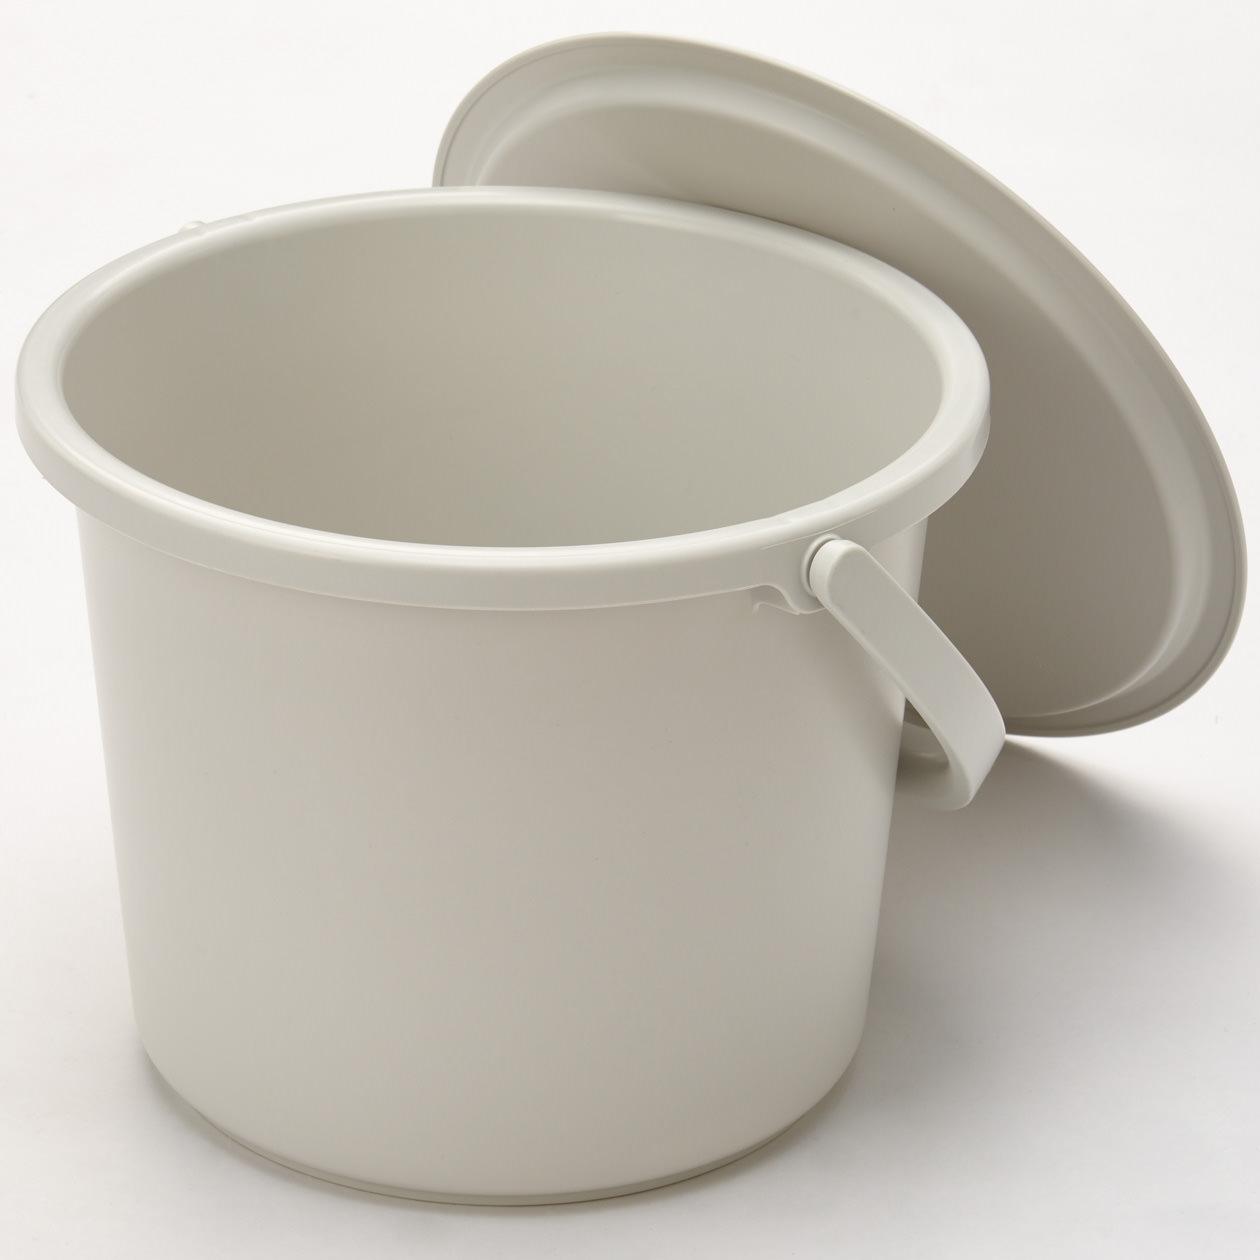 除了可放置洗滌衣物外,寛口設計便於清洗抹布。考量到可能會在洗臉台裝水,刻意降低水桶高度,讓水桶可以在洗臉台使用